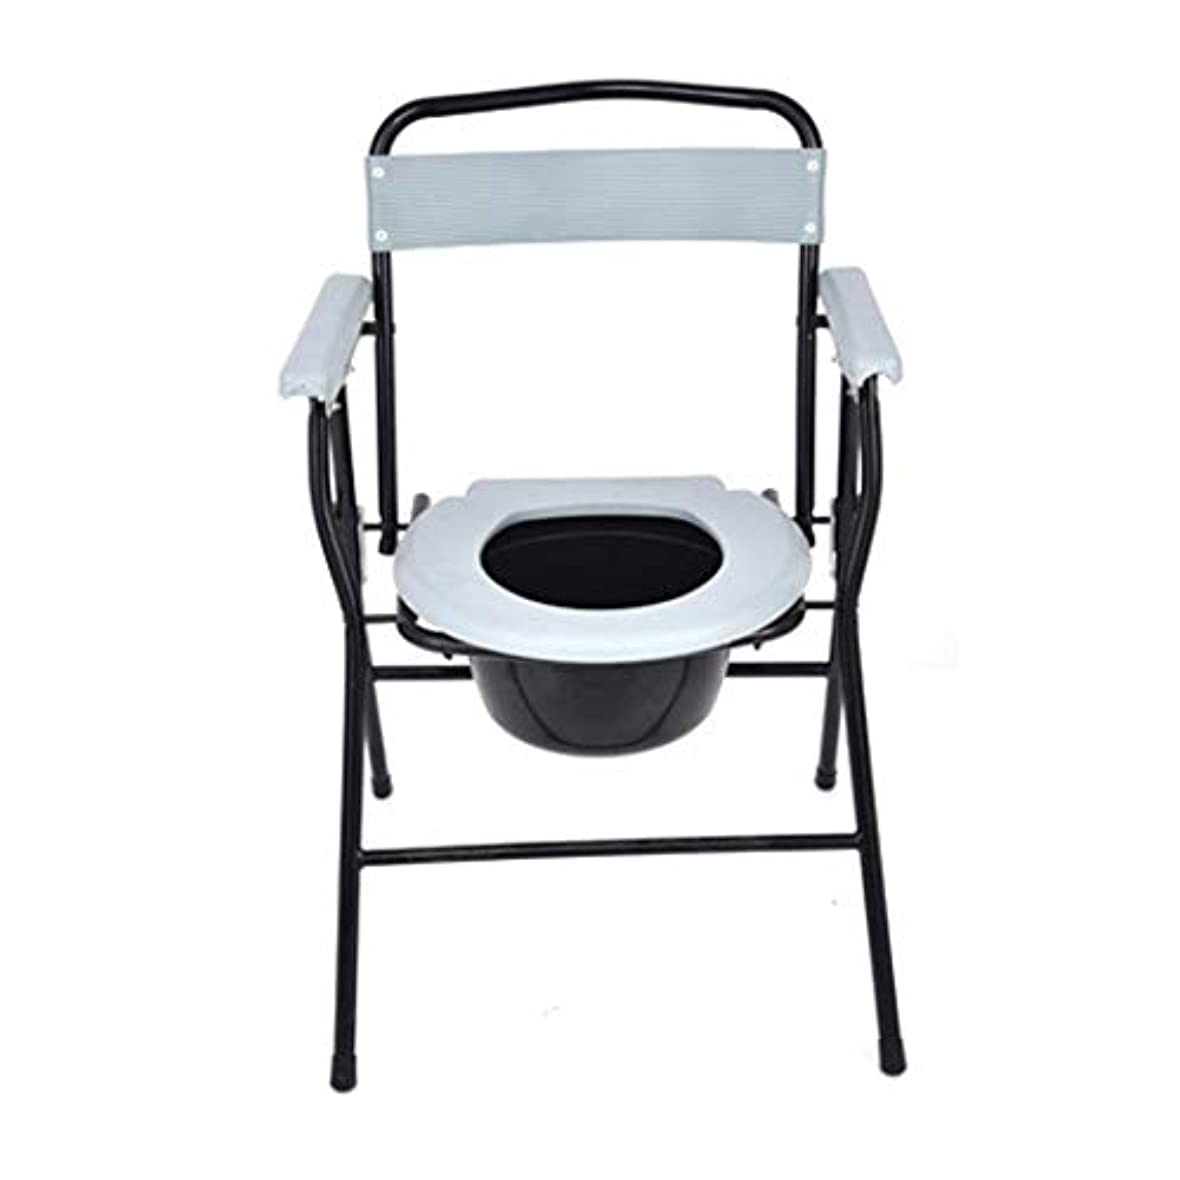 記述する人一杯妊娠中の女性高齢者障害者のためのポータブルトイレ便座フレーム、モバイルトイレ老人障害者用椅子、